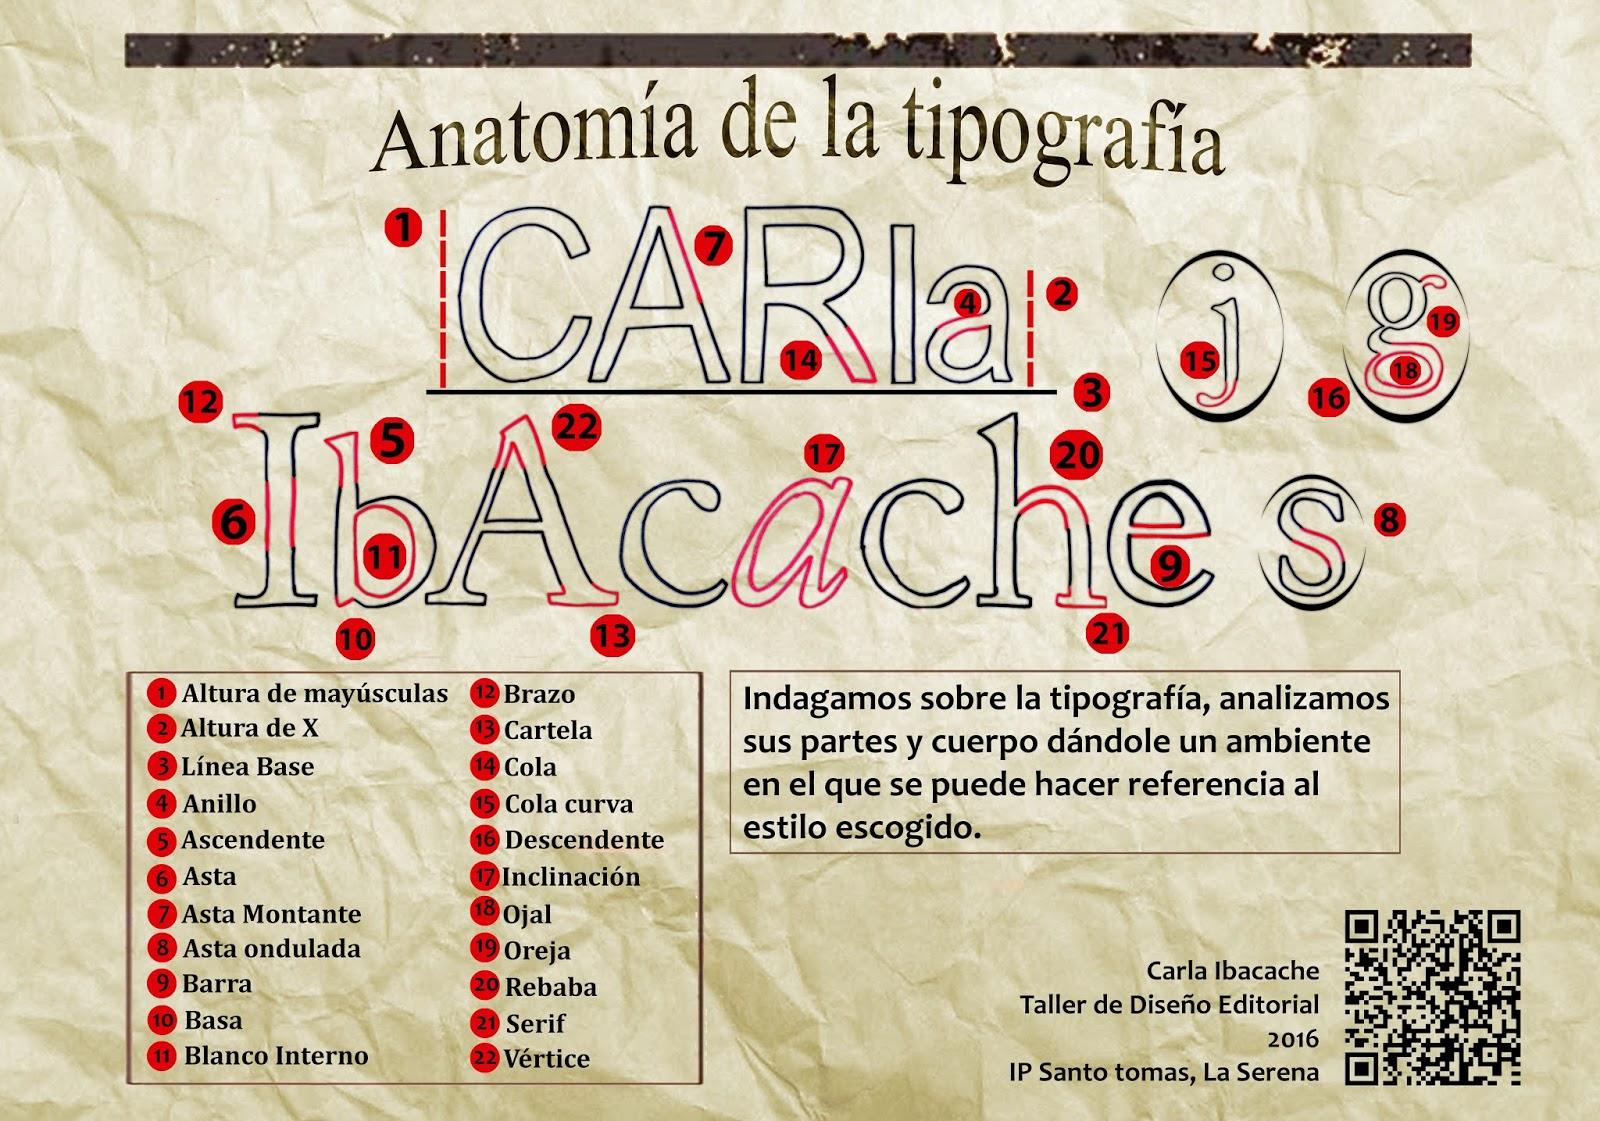 Carla Ibacache: Proyecto Anatomía de la tipografía